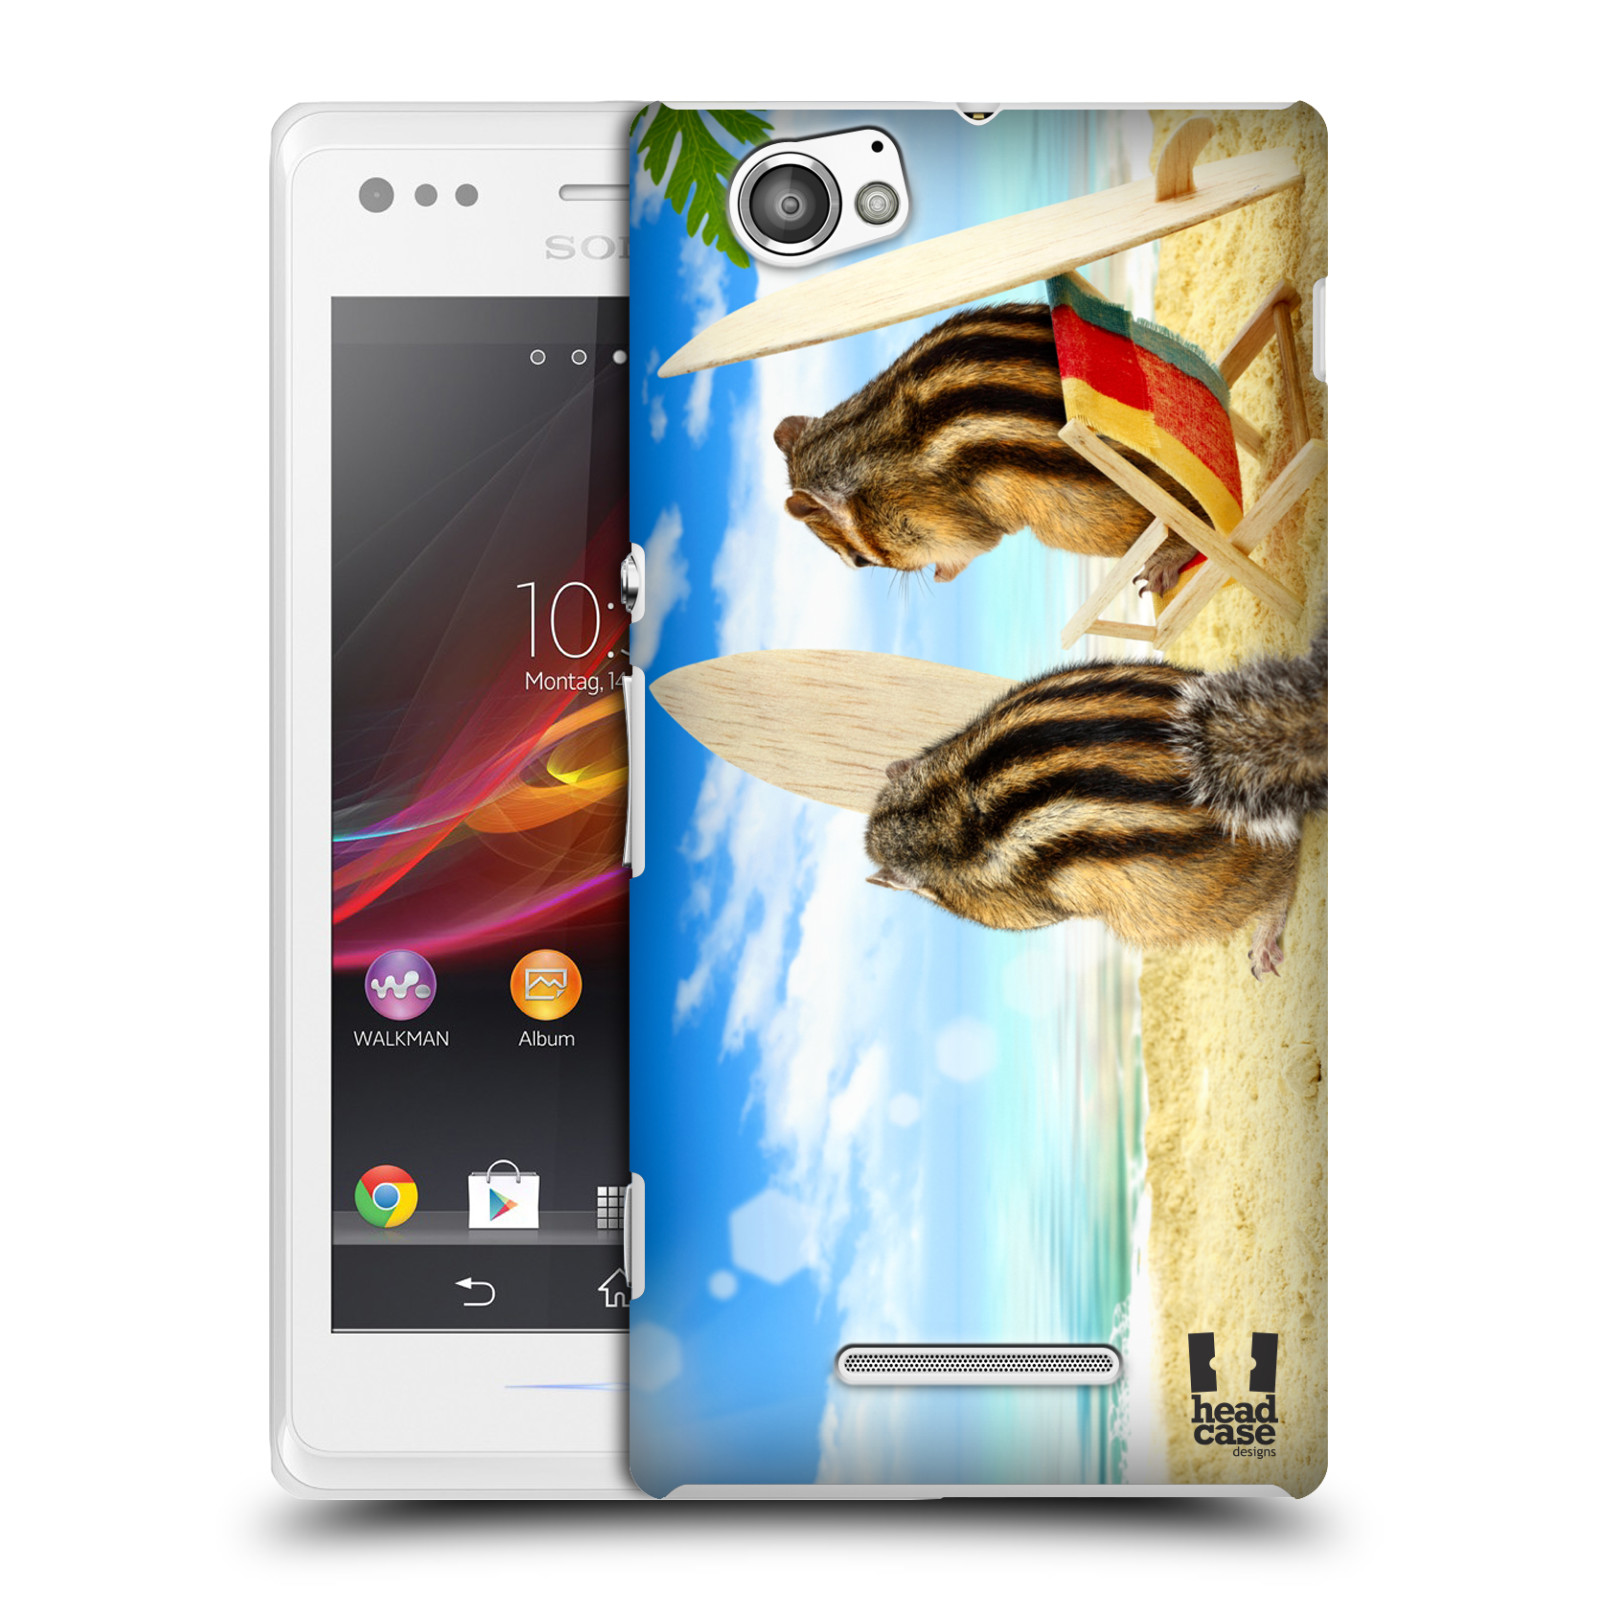 HEAD CASE plastový obal na mobil Sony Xperia M vzor Legrační zvířátka veverky surfaři u moře